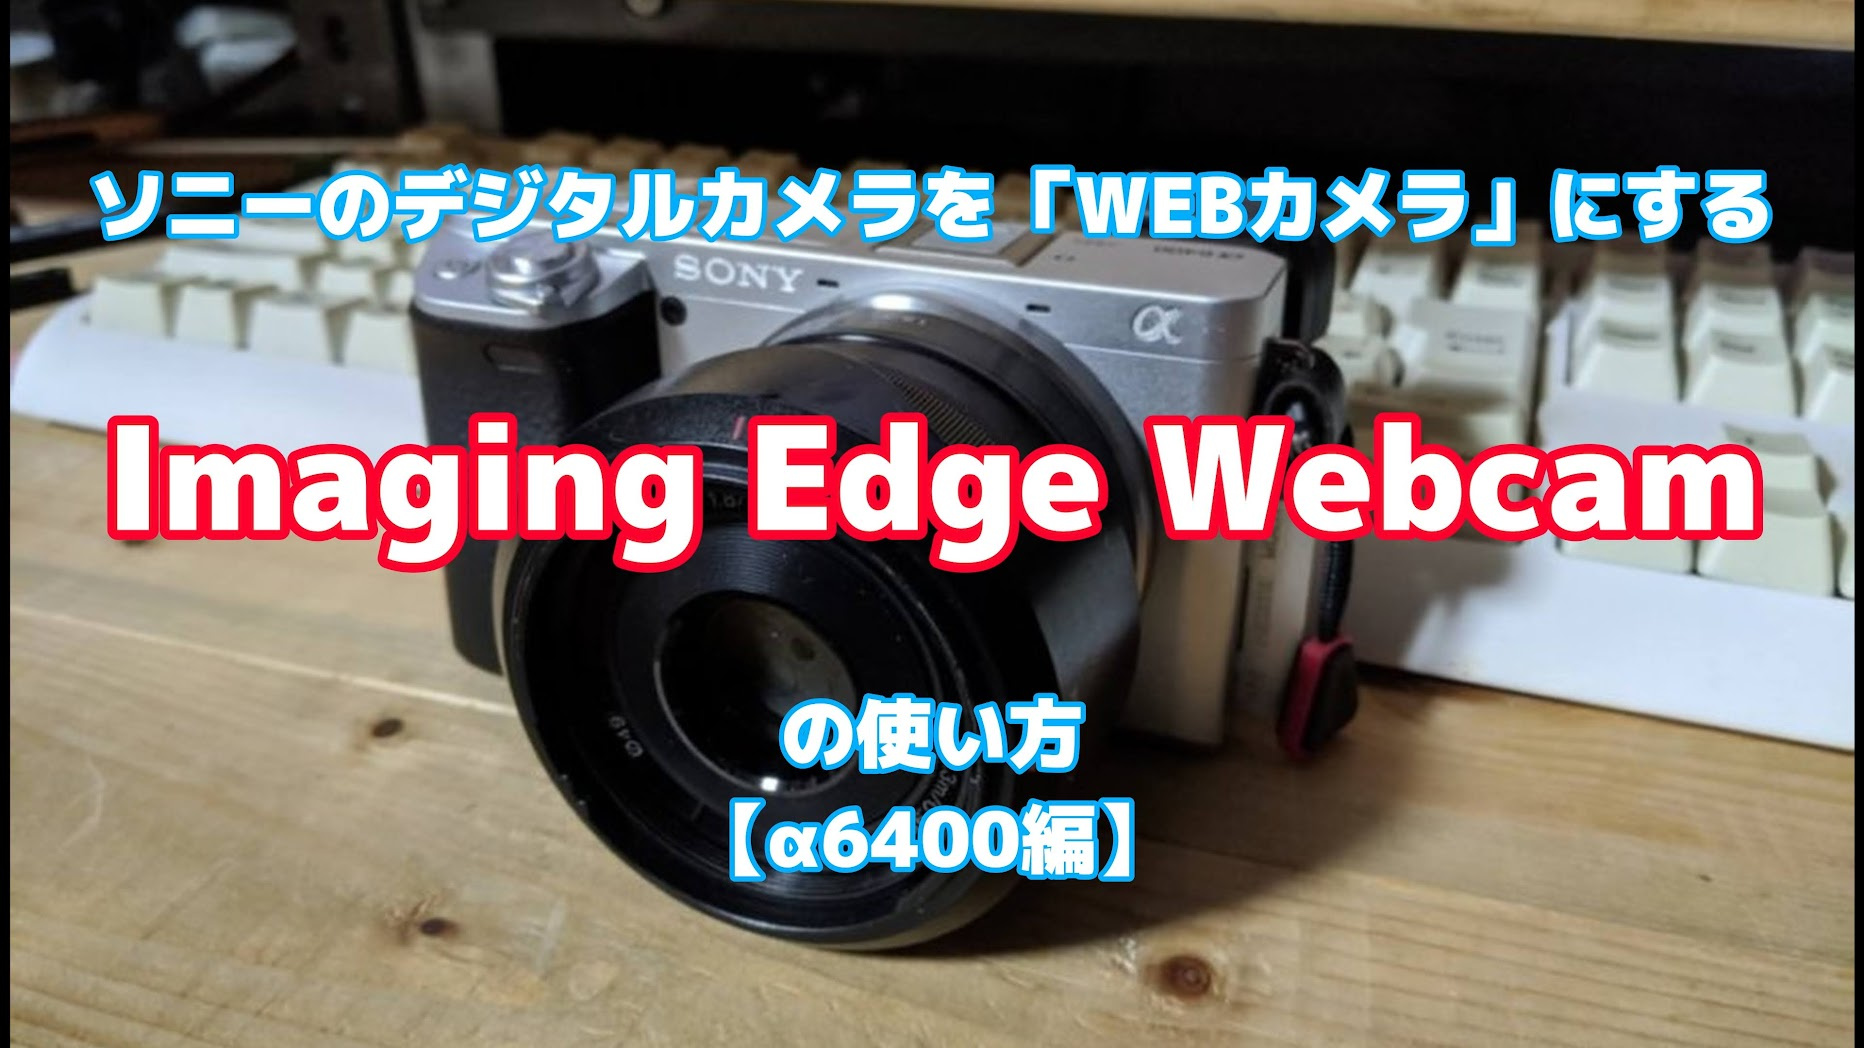 ソニーのデジタルカメラを「WEBカメラ」にする「Imaging Edge Webcam」が公開されました。